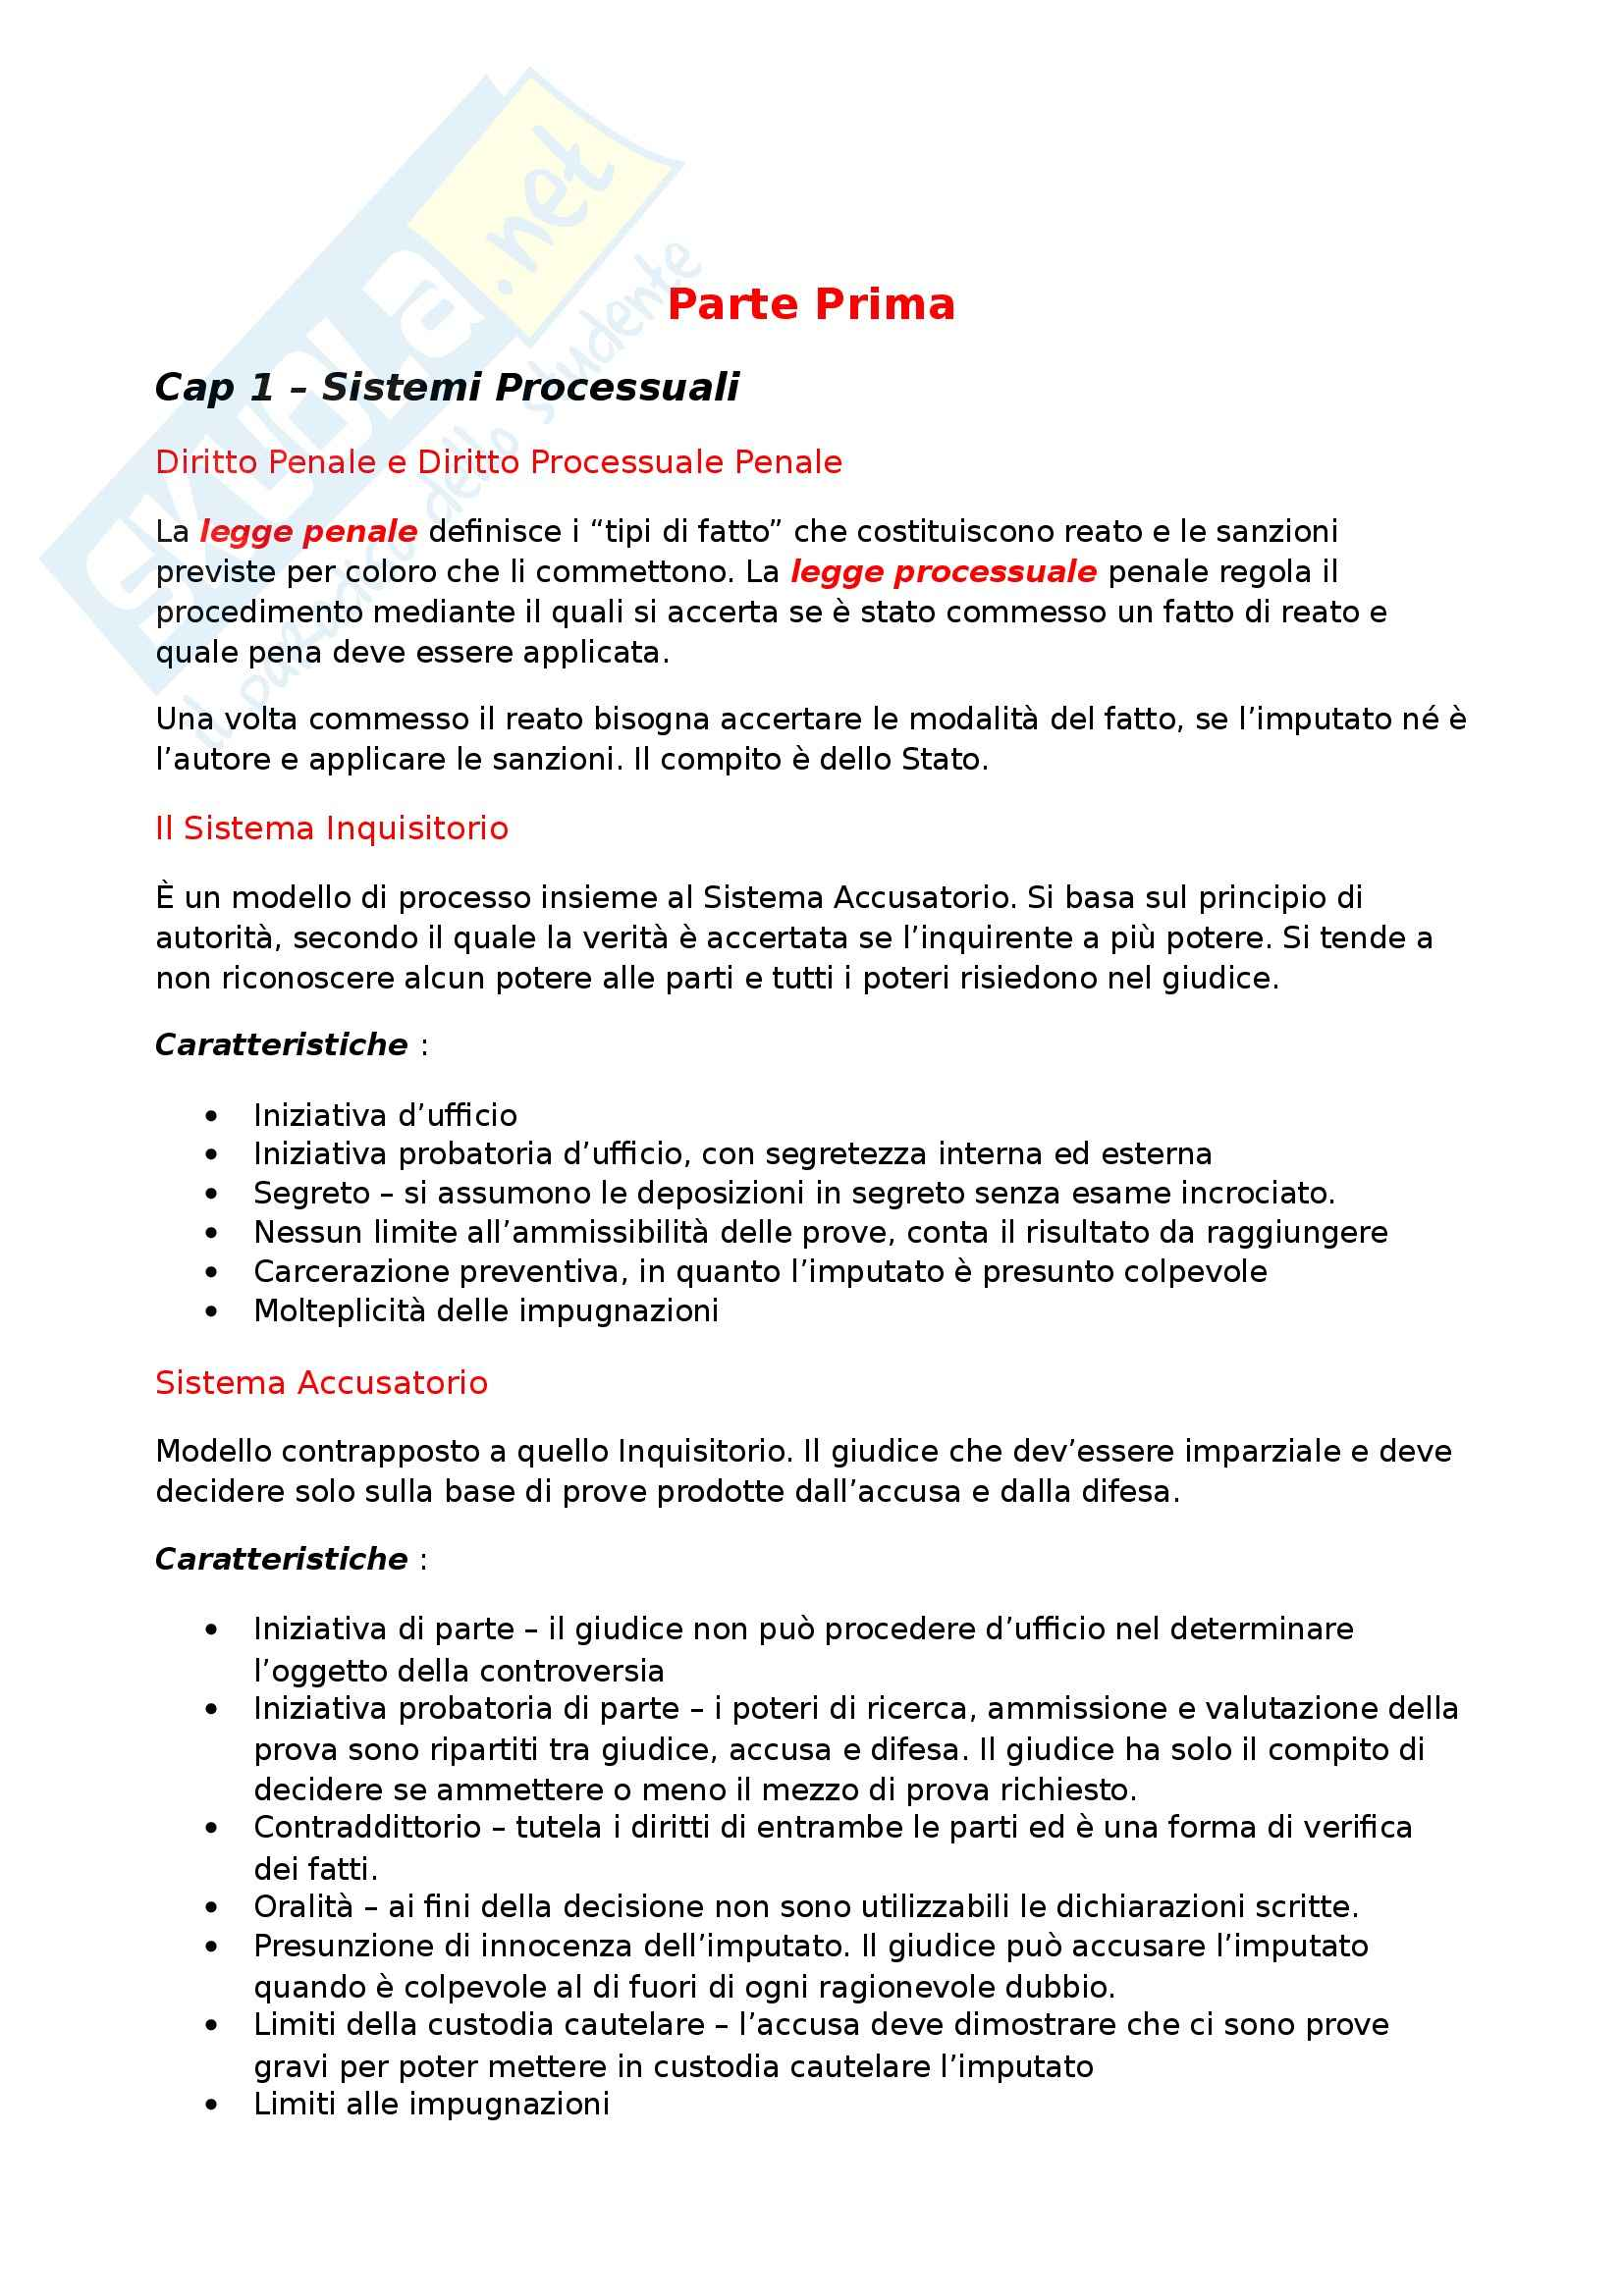 Riassunto esame Codice di Procedura Penale, libro adottato Codice di Procedura Penale, Tonini